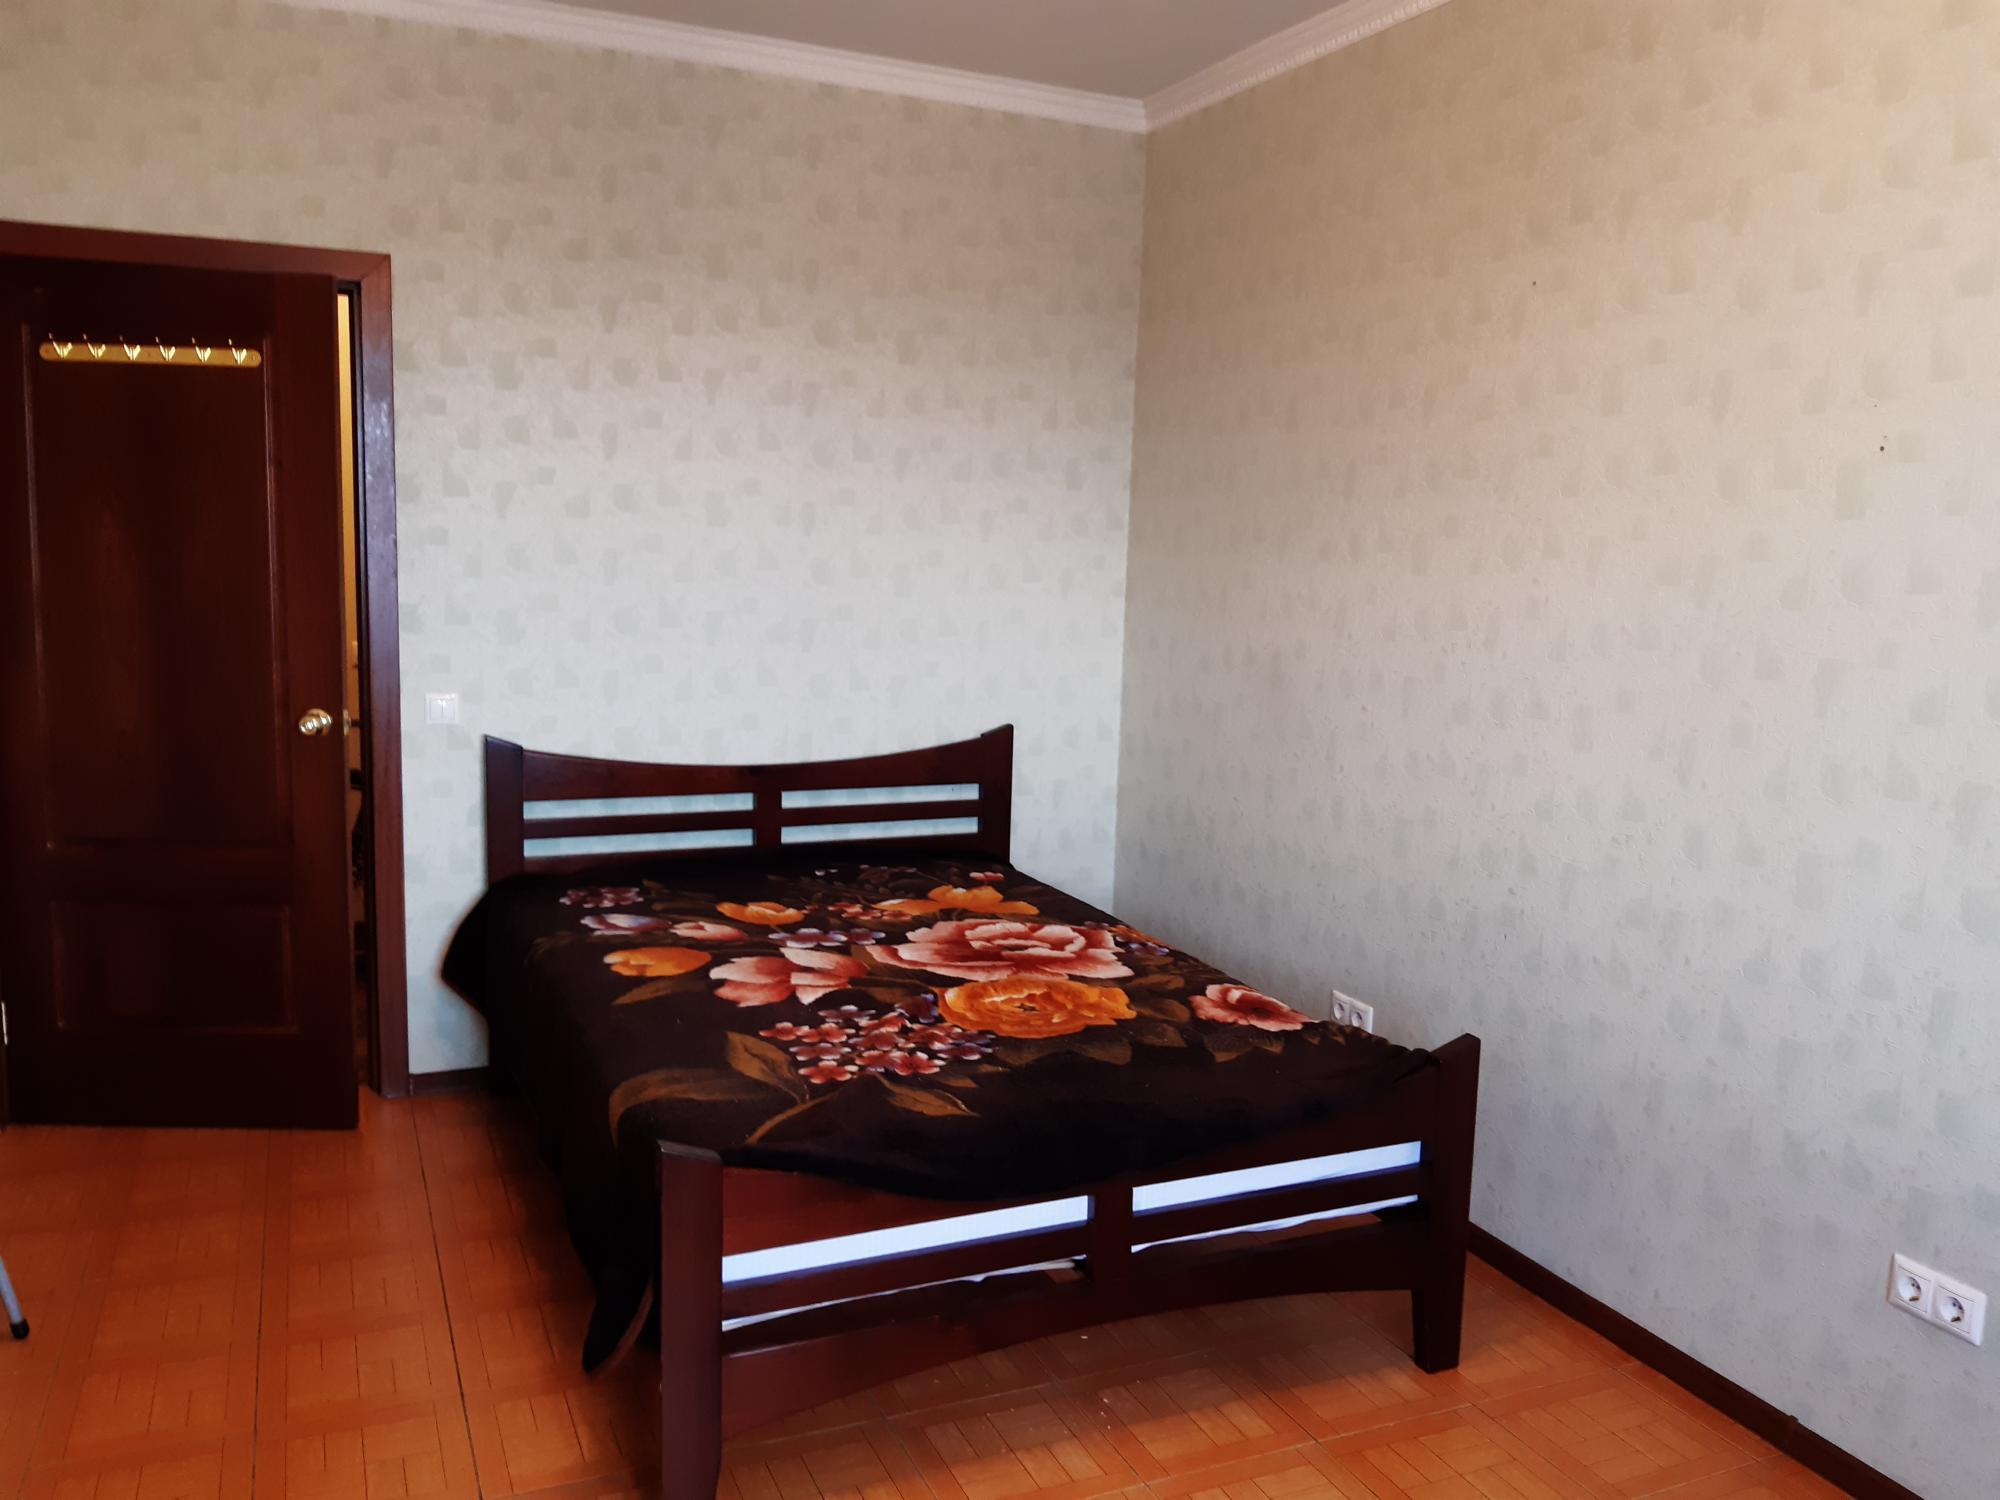 Квартира, 2 комнаты, 63.2 м² в Котельниках 89295674093 купить 5